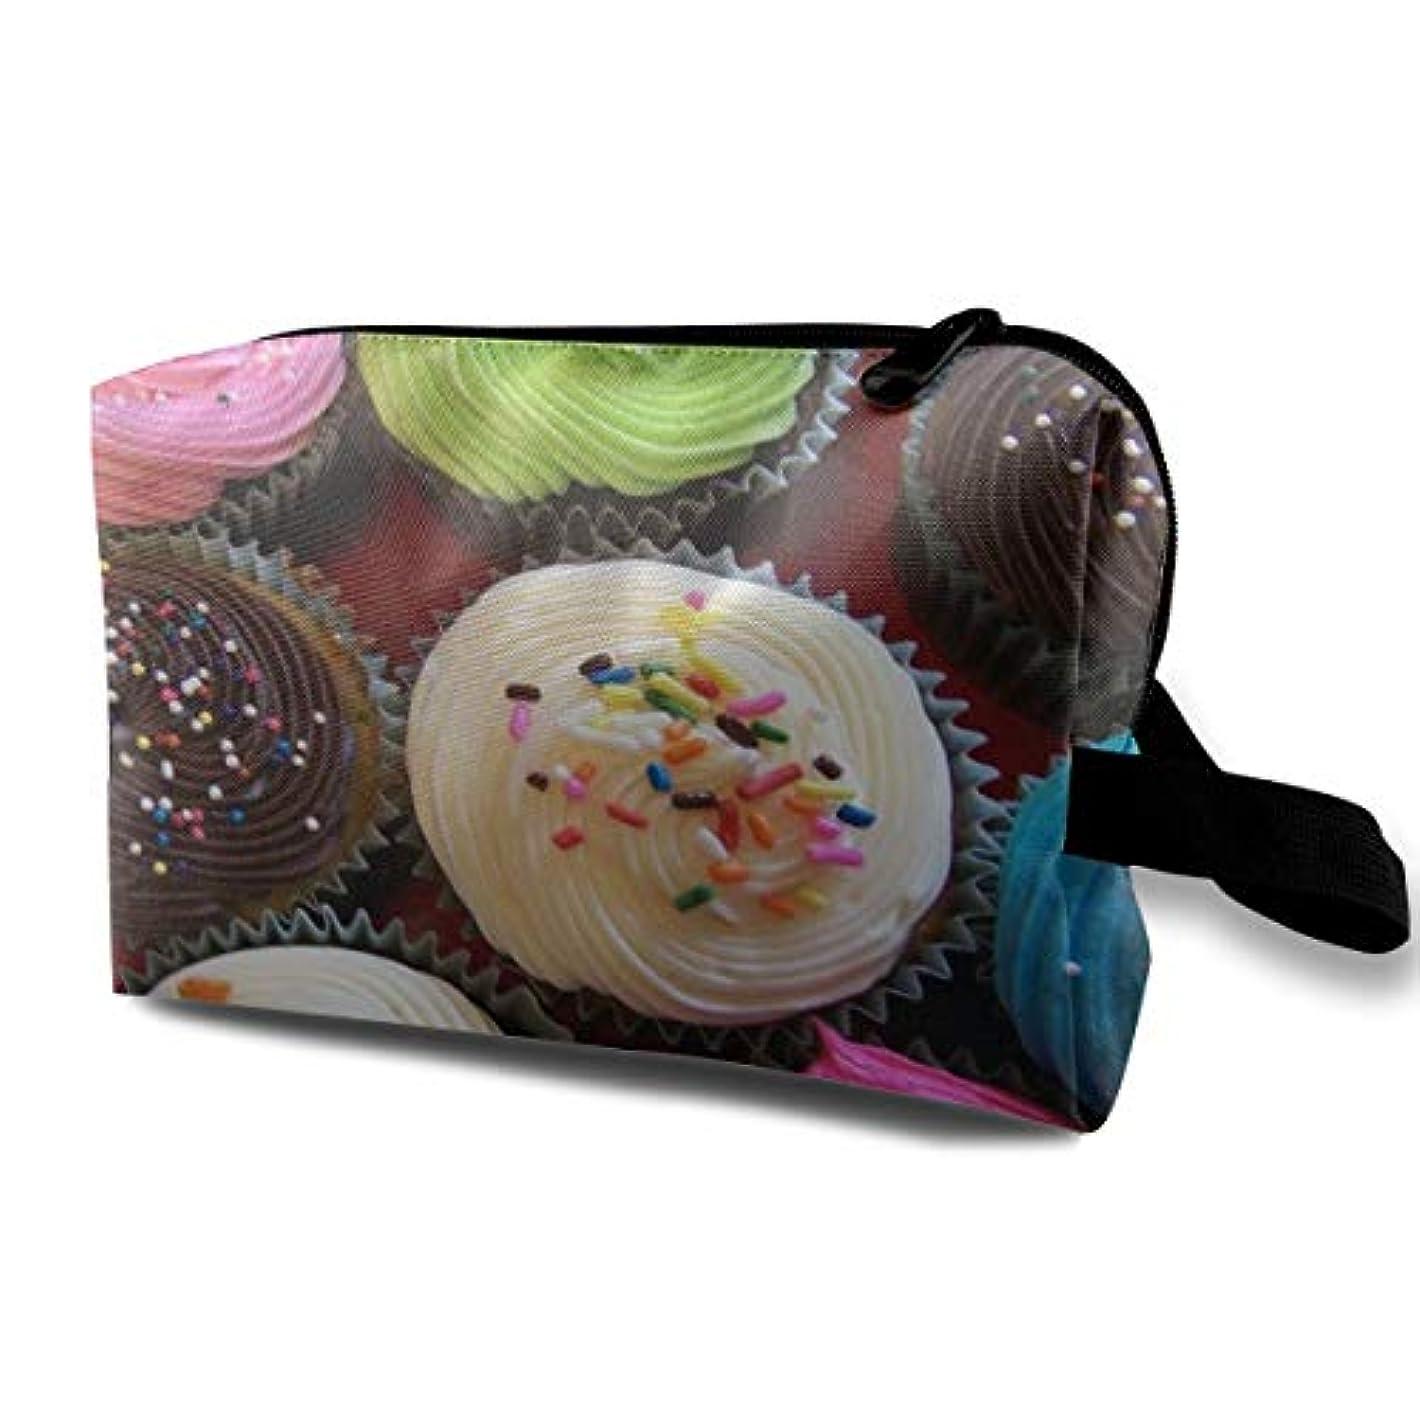 拍手するカウボーイ勃起Colorful Cupcake 収納ポーチ 化粧ポーチ 大容量 軽量 耐久性 ハンドル付持ち運び便利。入れ 自宅?出張?旅行?アウトドア撮影などに対応。メンズ レディース トラベルグッズ